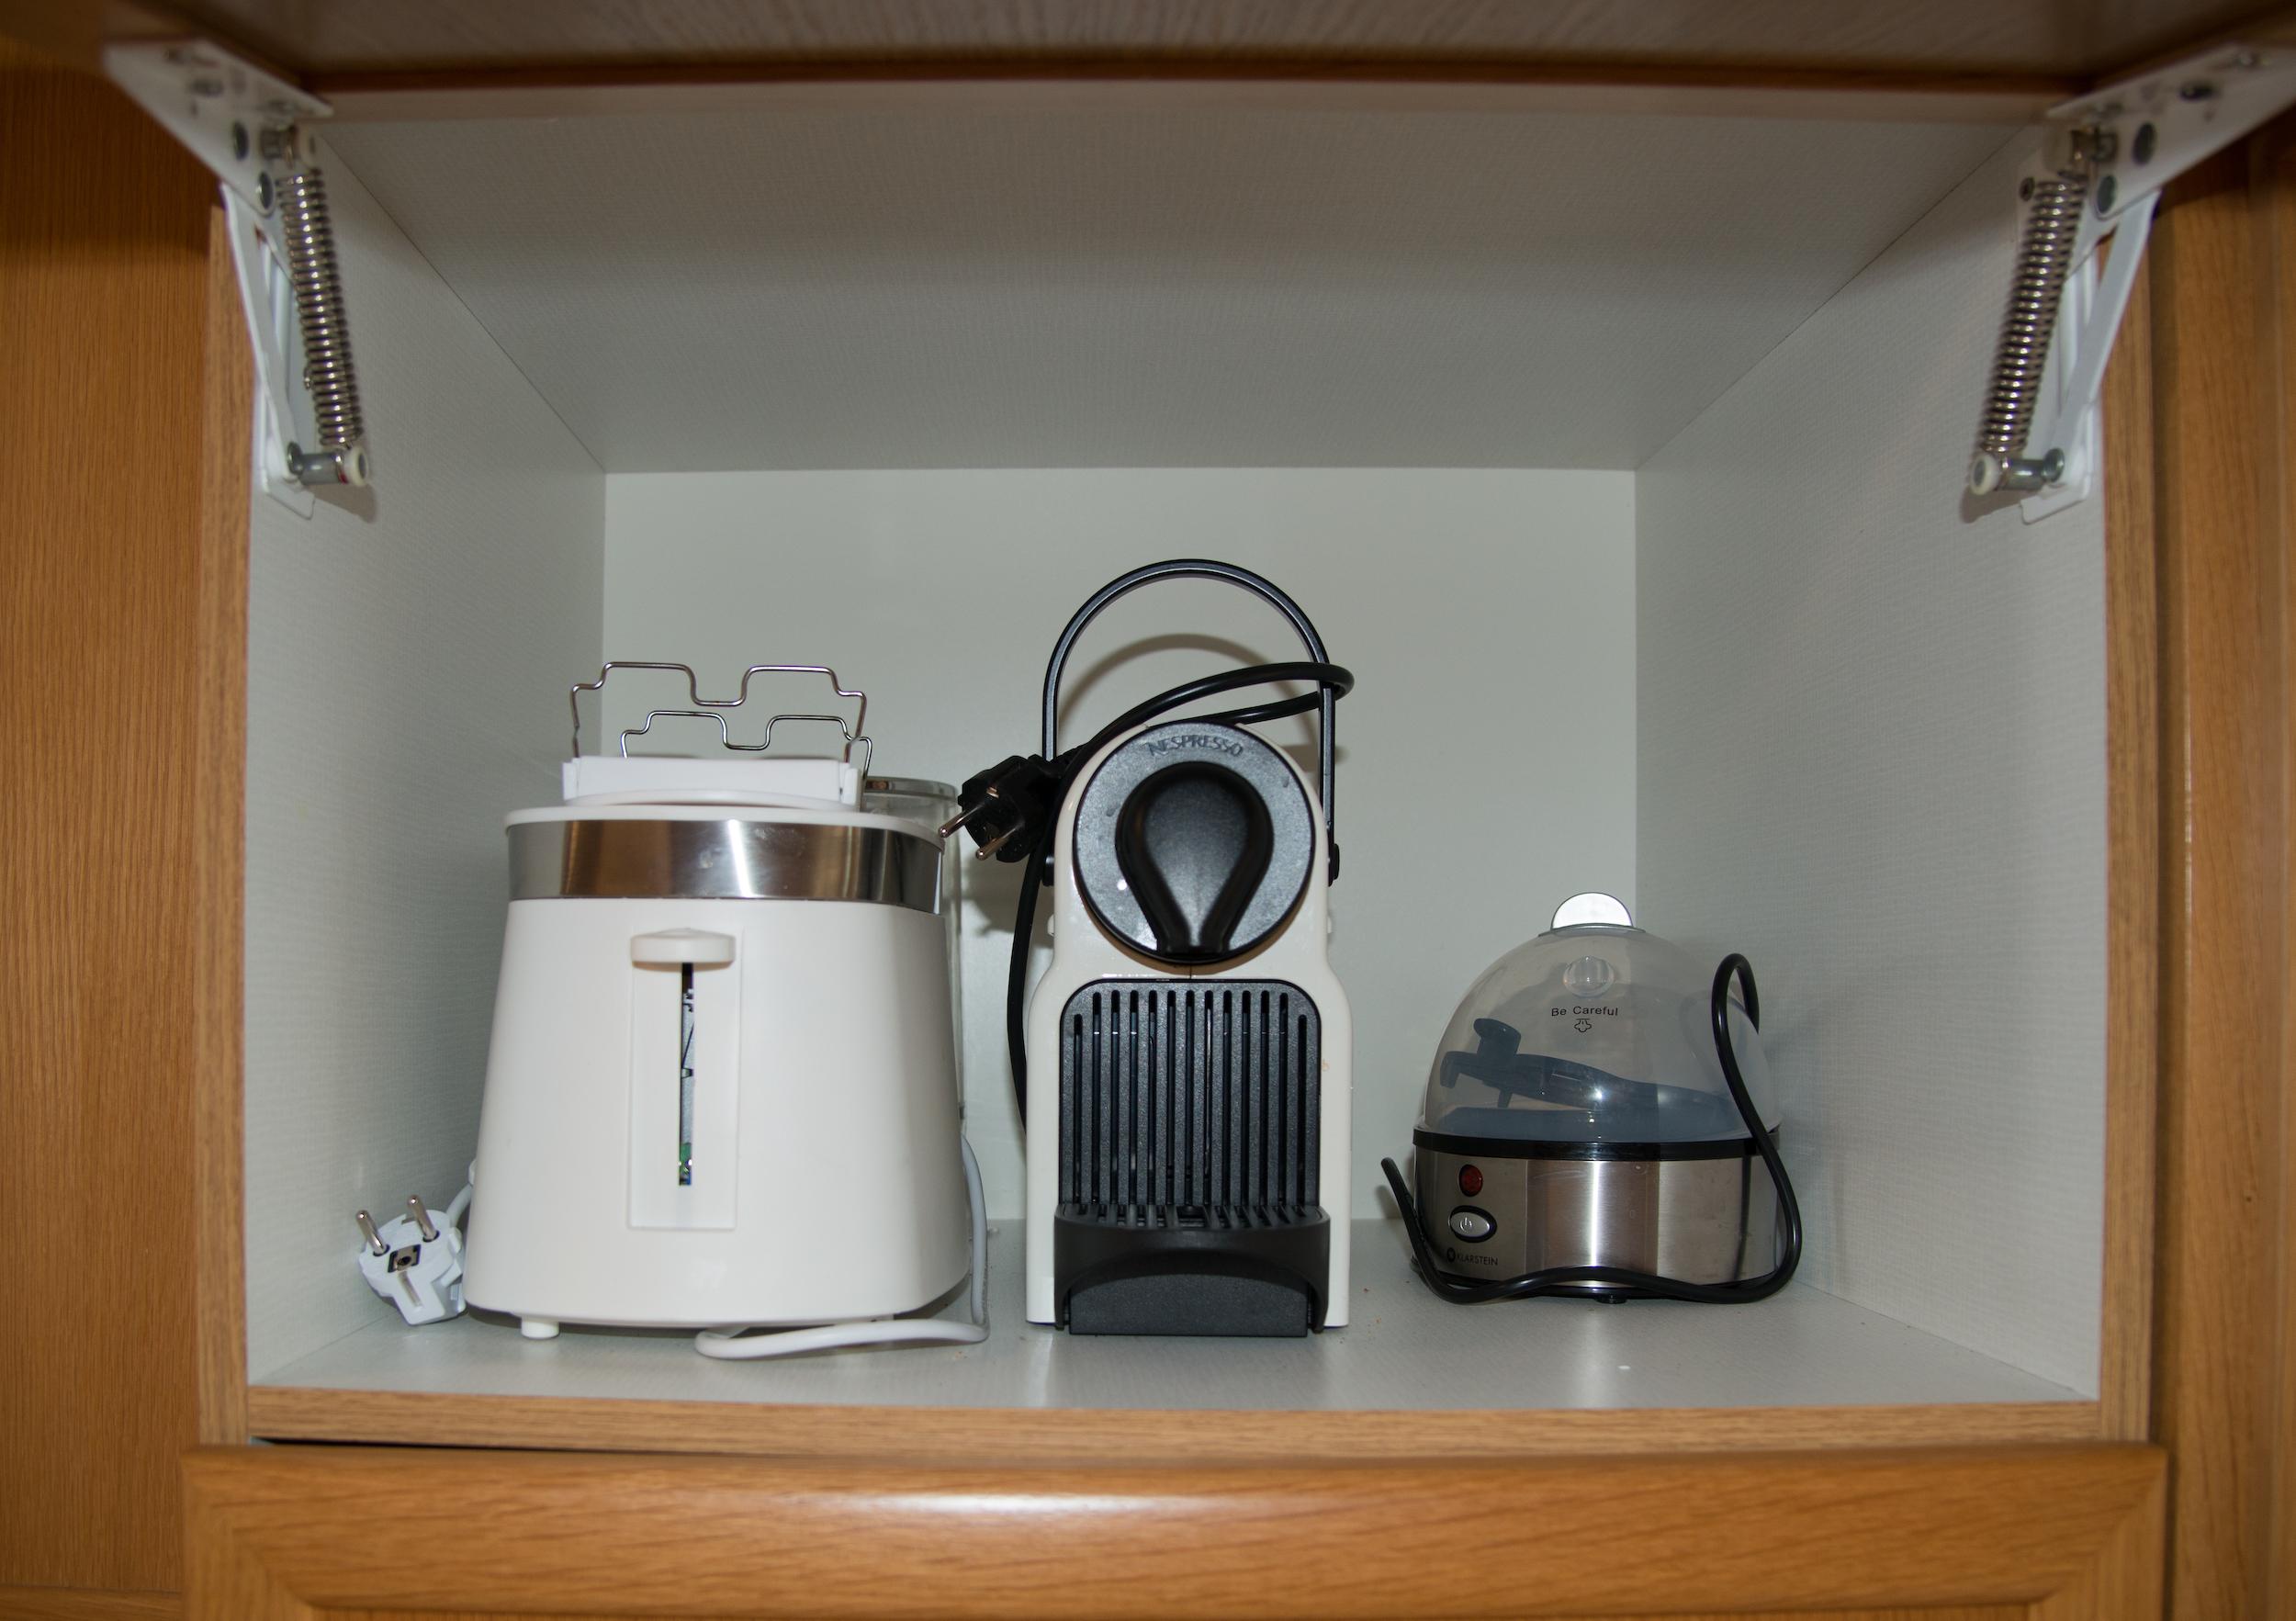 Toaster & Nespresso